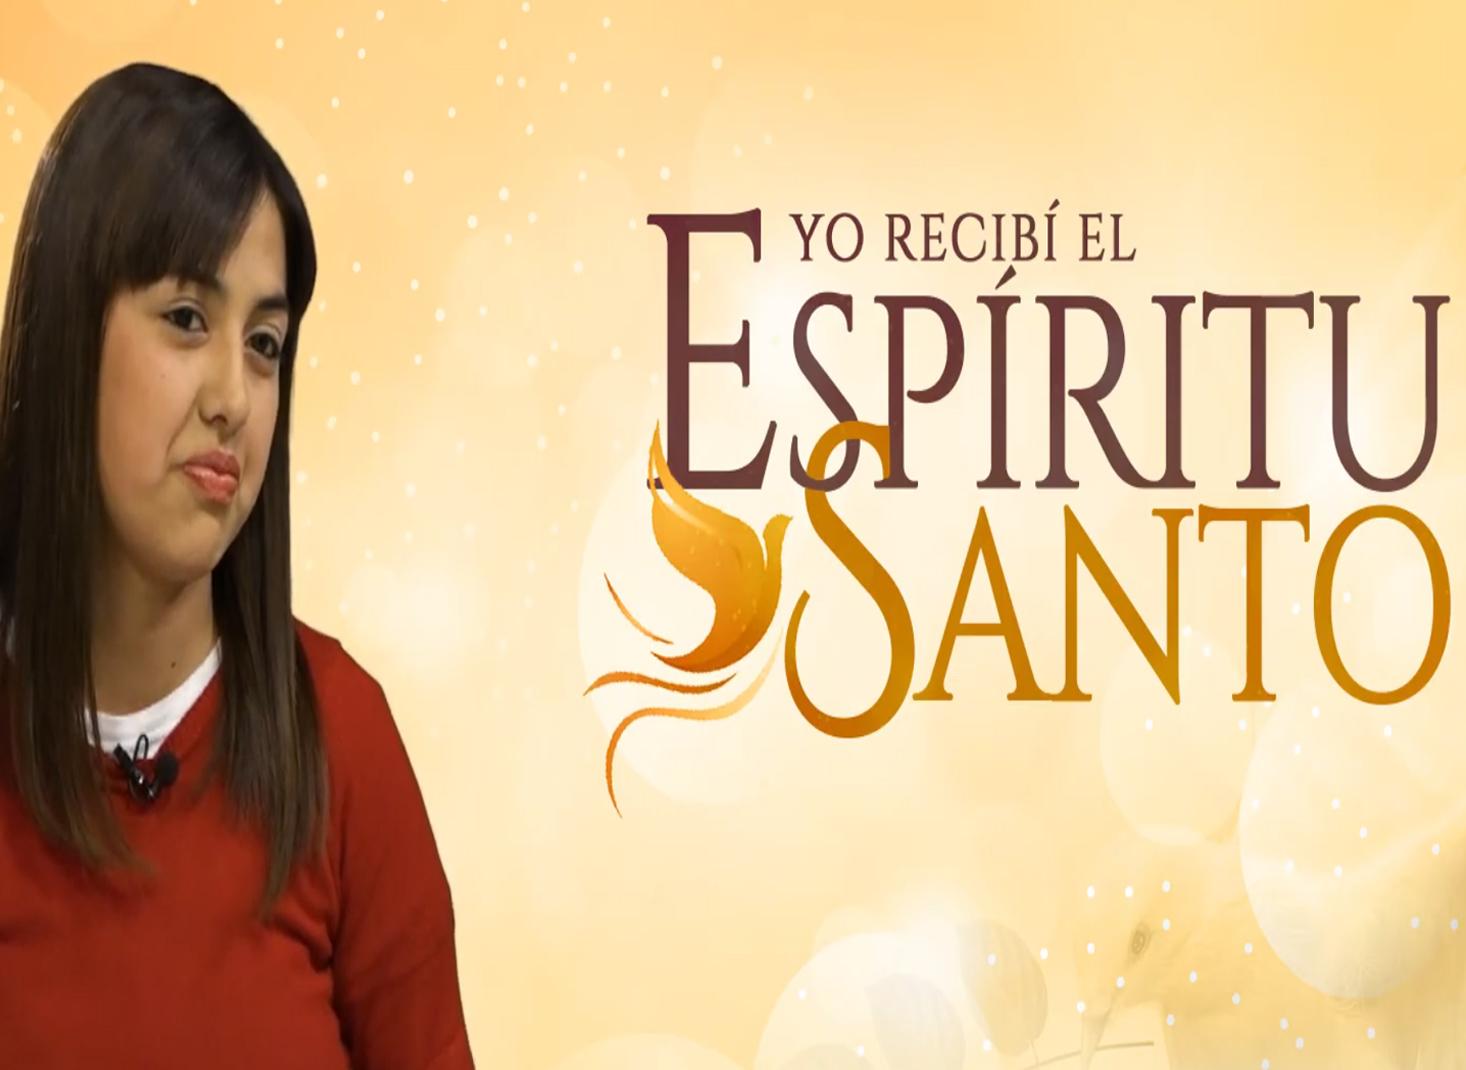 Espíritu Santo - transformación